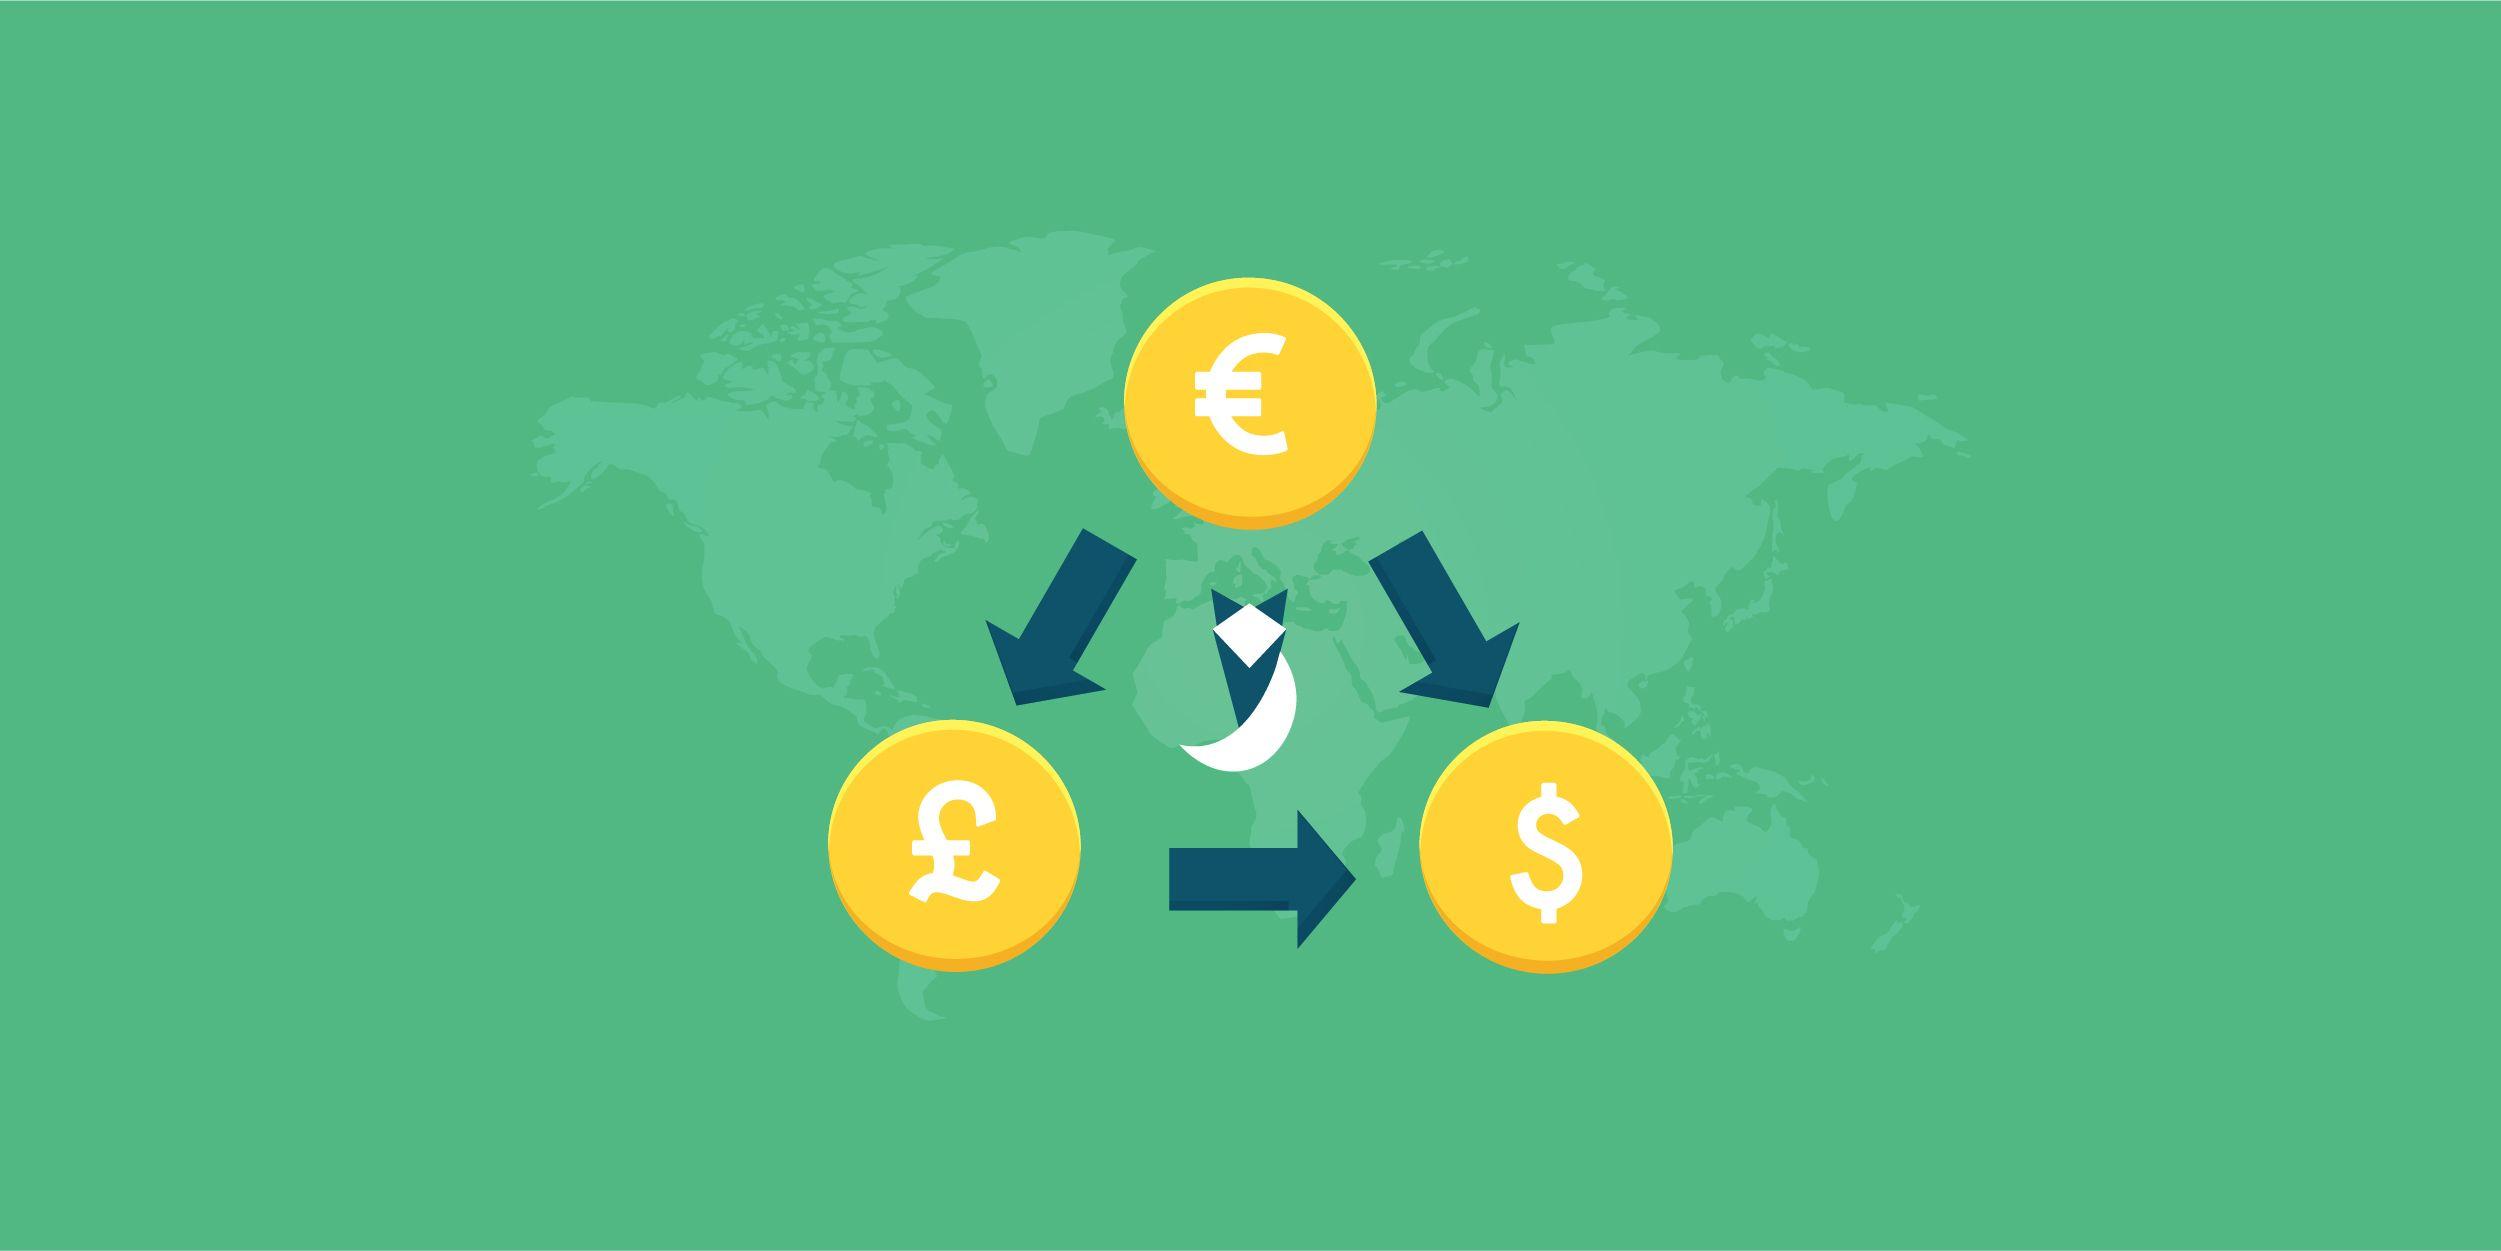 أسعار العملات الأجنبية اليوم: الأحد 11 يوليو 2021